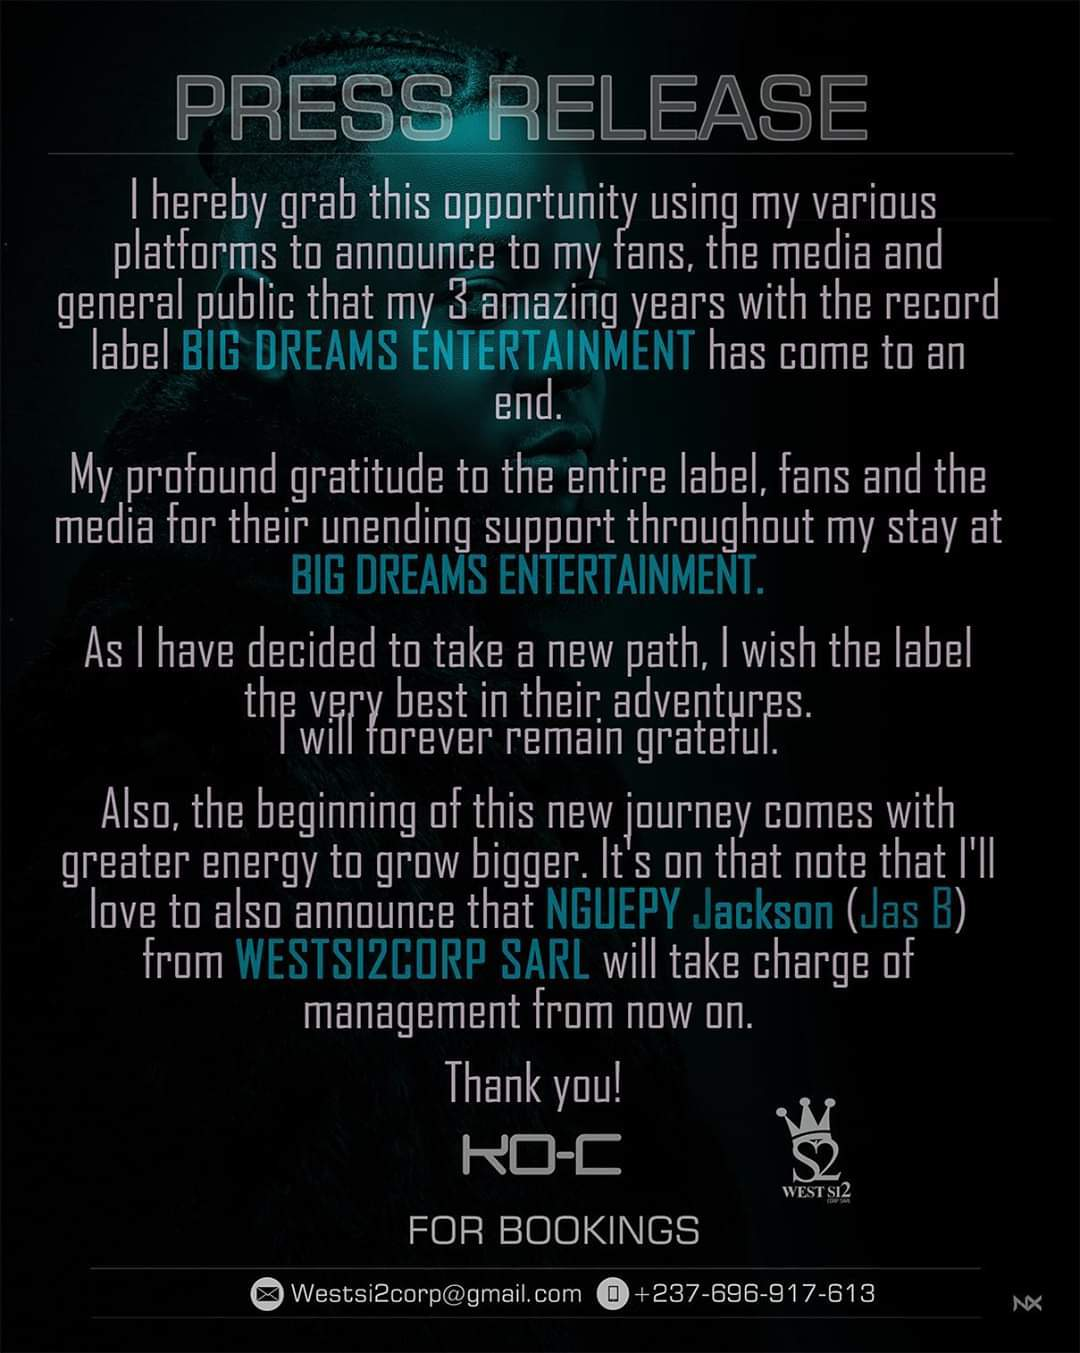 Big Dreams Entertainment